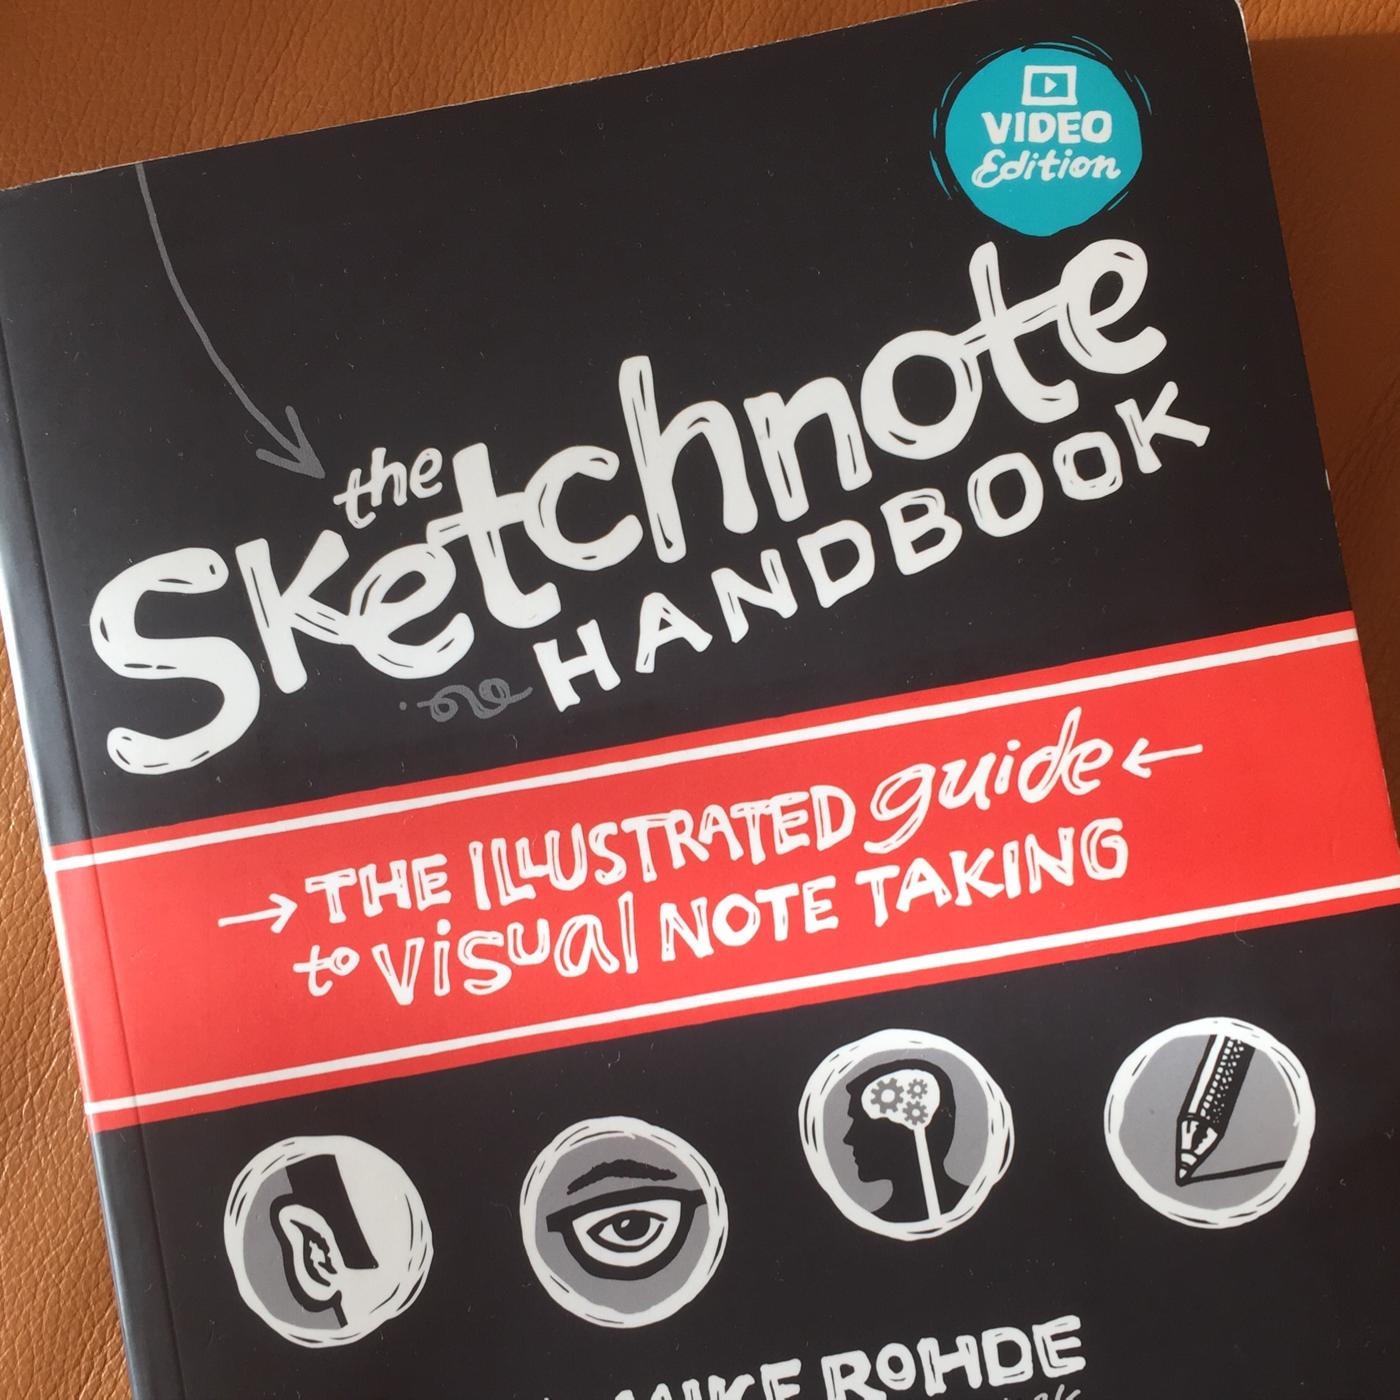 グラフィックレコーディングとスケッチノートを知るために役立つ本5冊